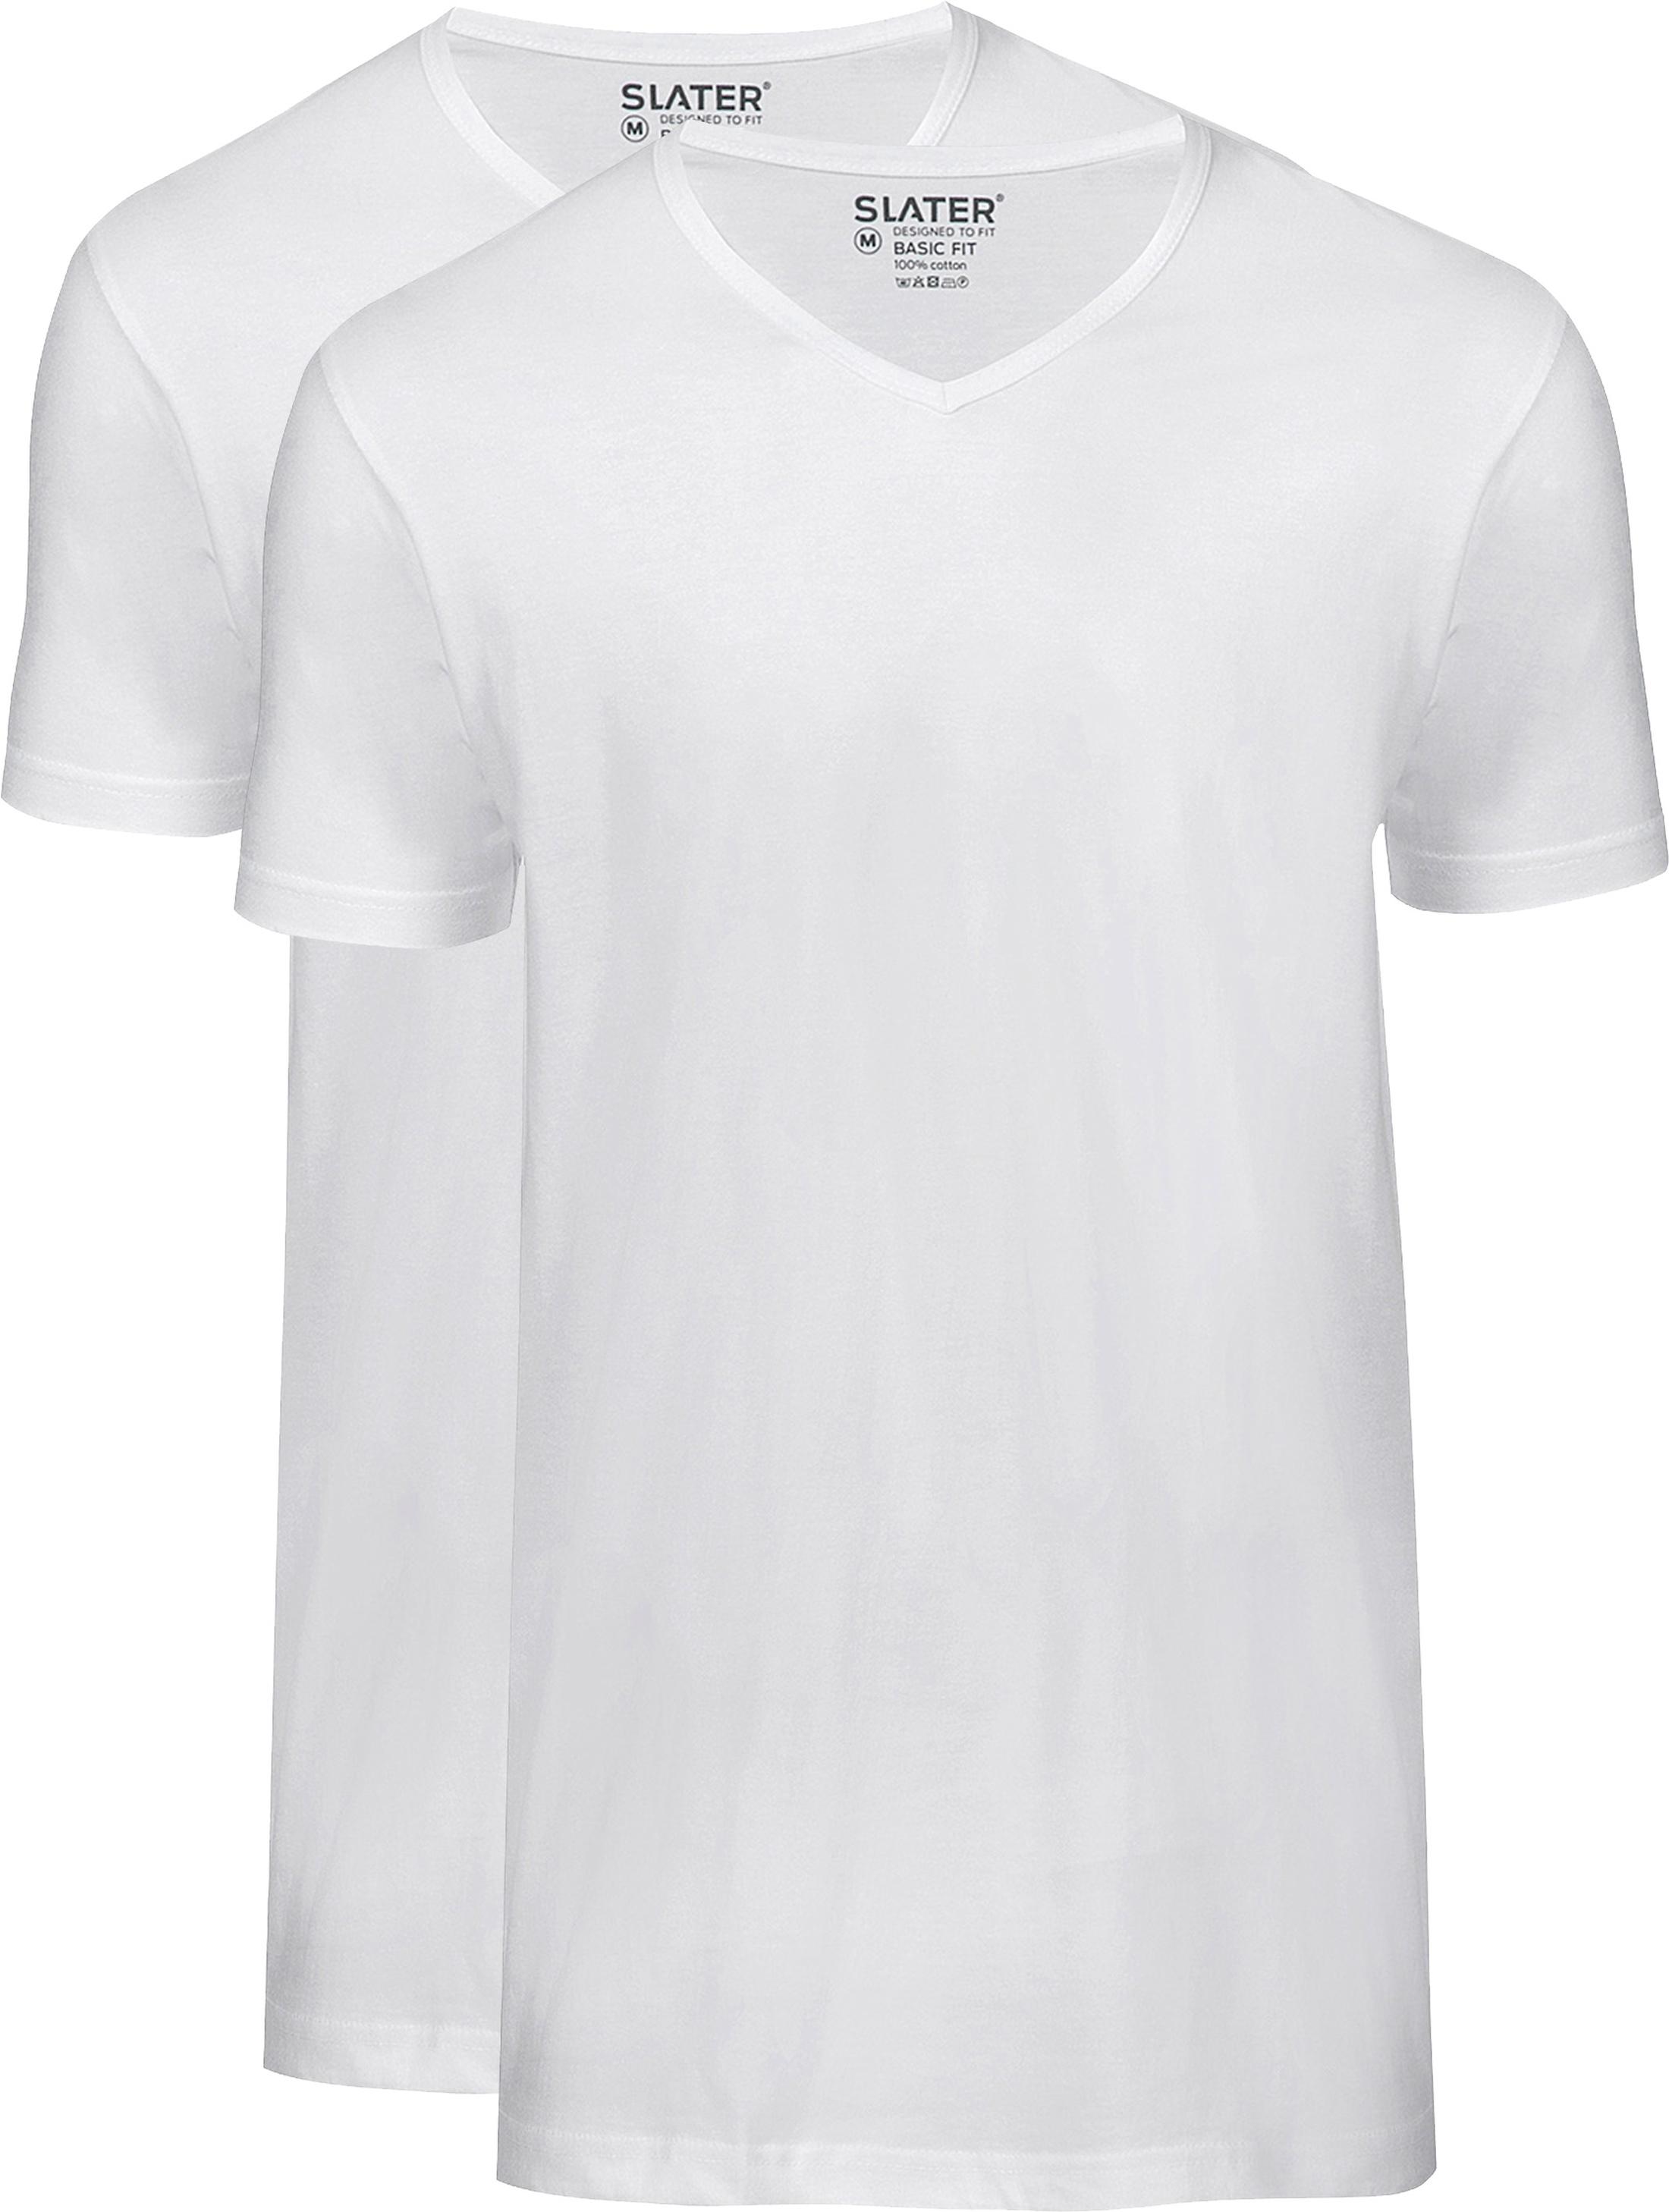 Slater 2-pack Basic Fit T-shirt V-neck White foto 0